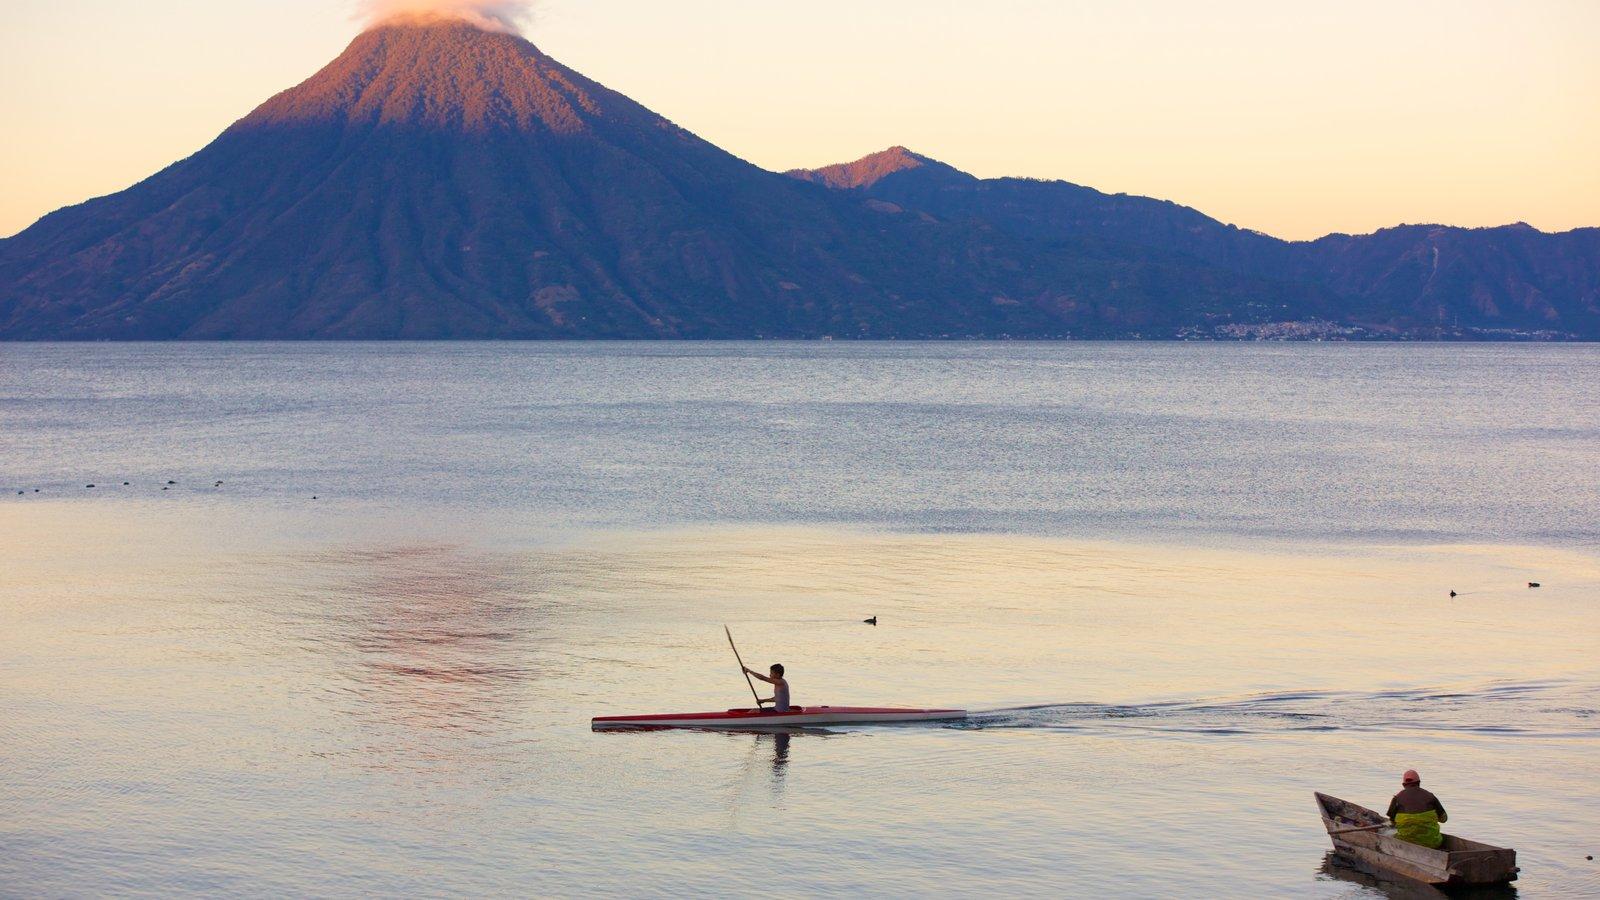 Volcán San Pedro ofreciendo montañas, vistas generales de la costa y kayak o canoa